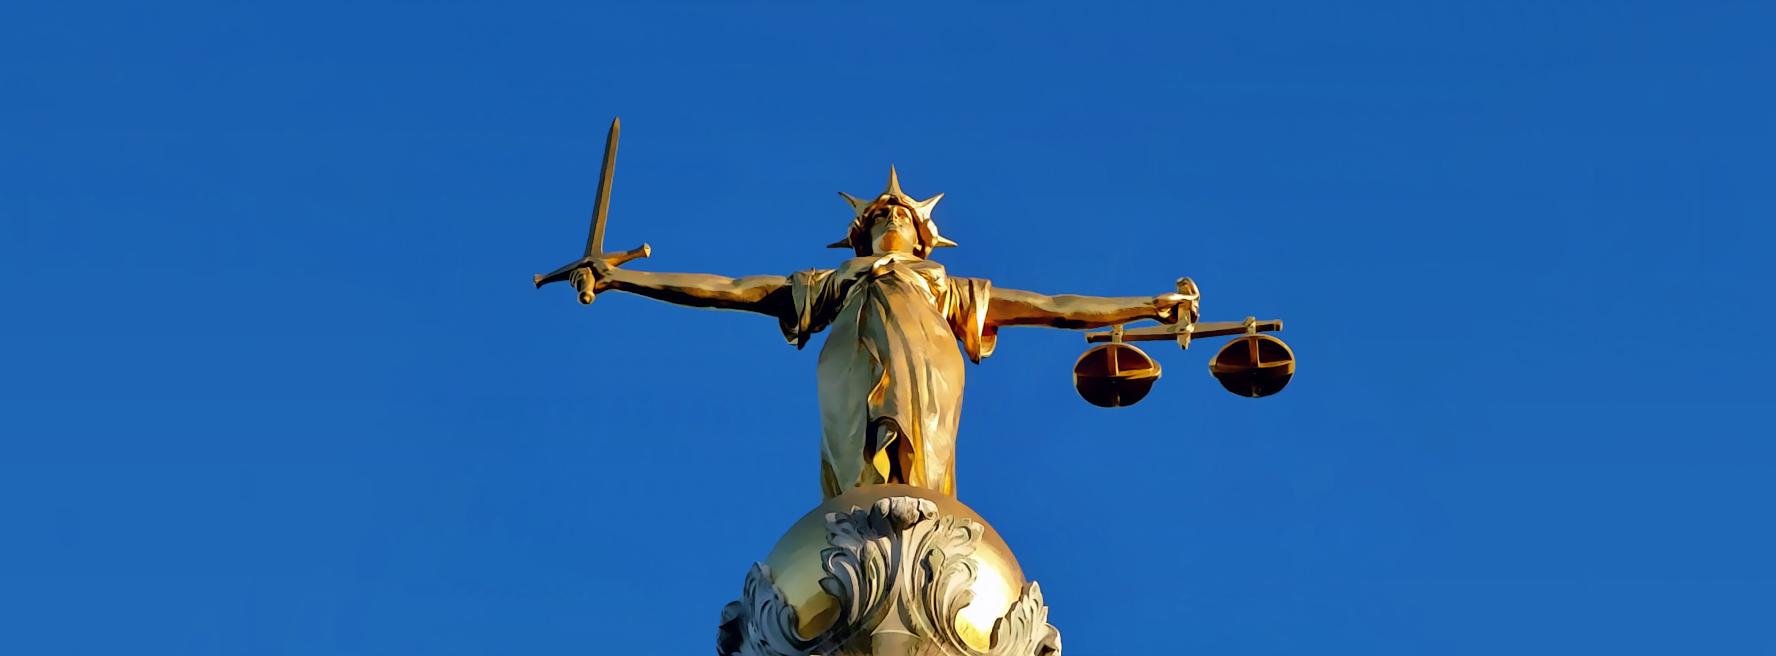 Estátua representa a Justiça no topo do Tribunal Central Criminal de Londres. Foto: Lonpicman